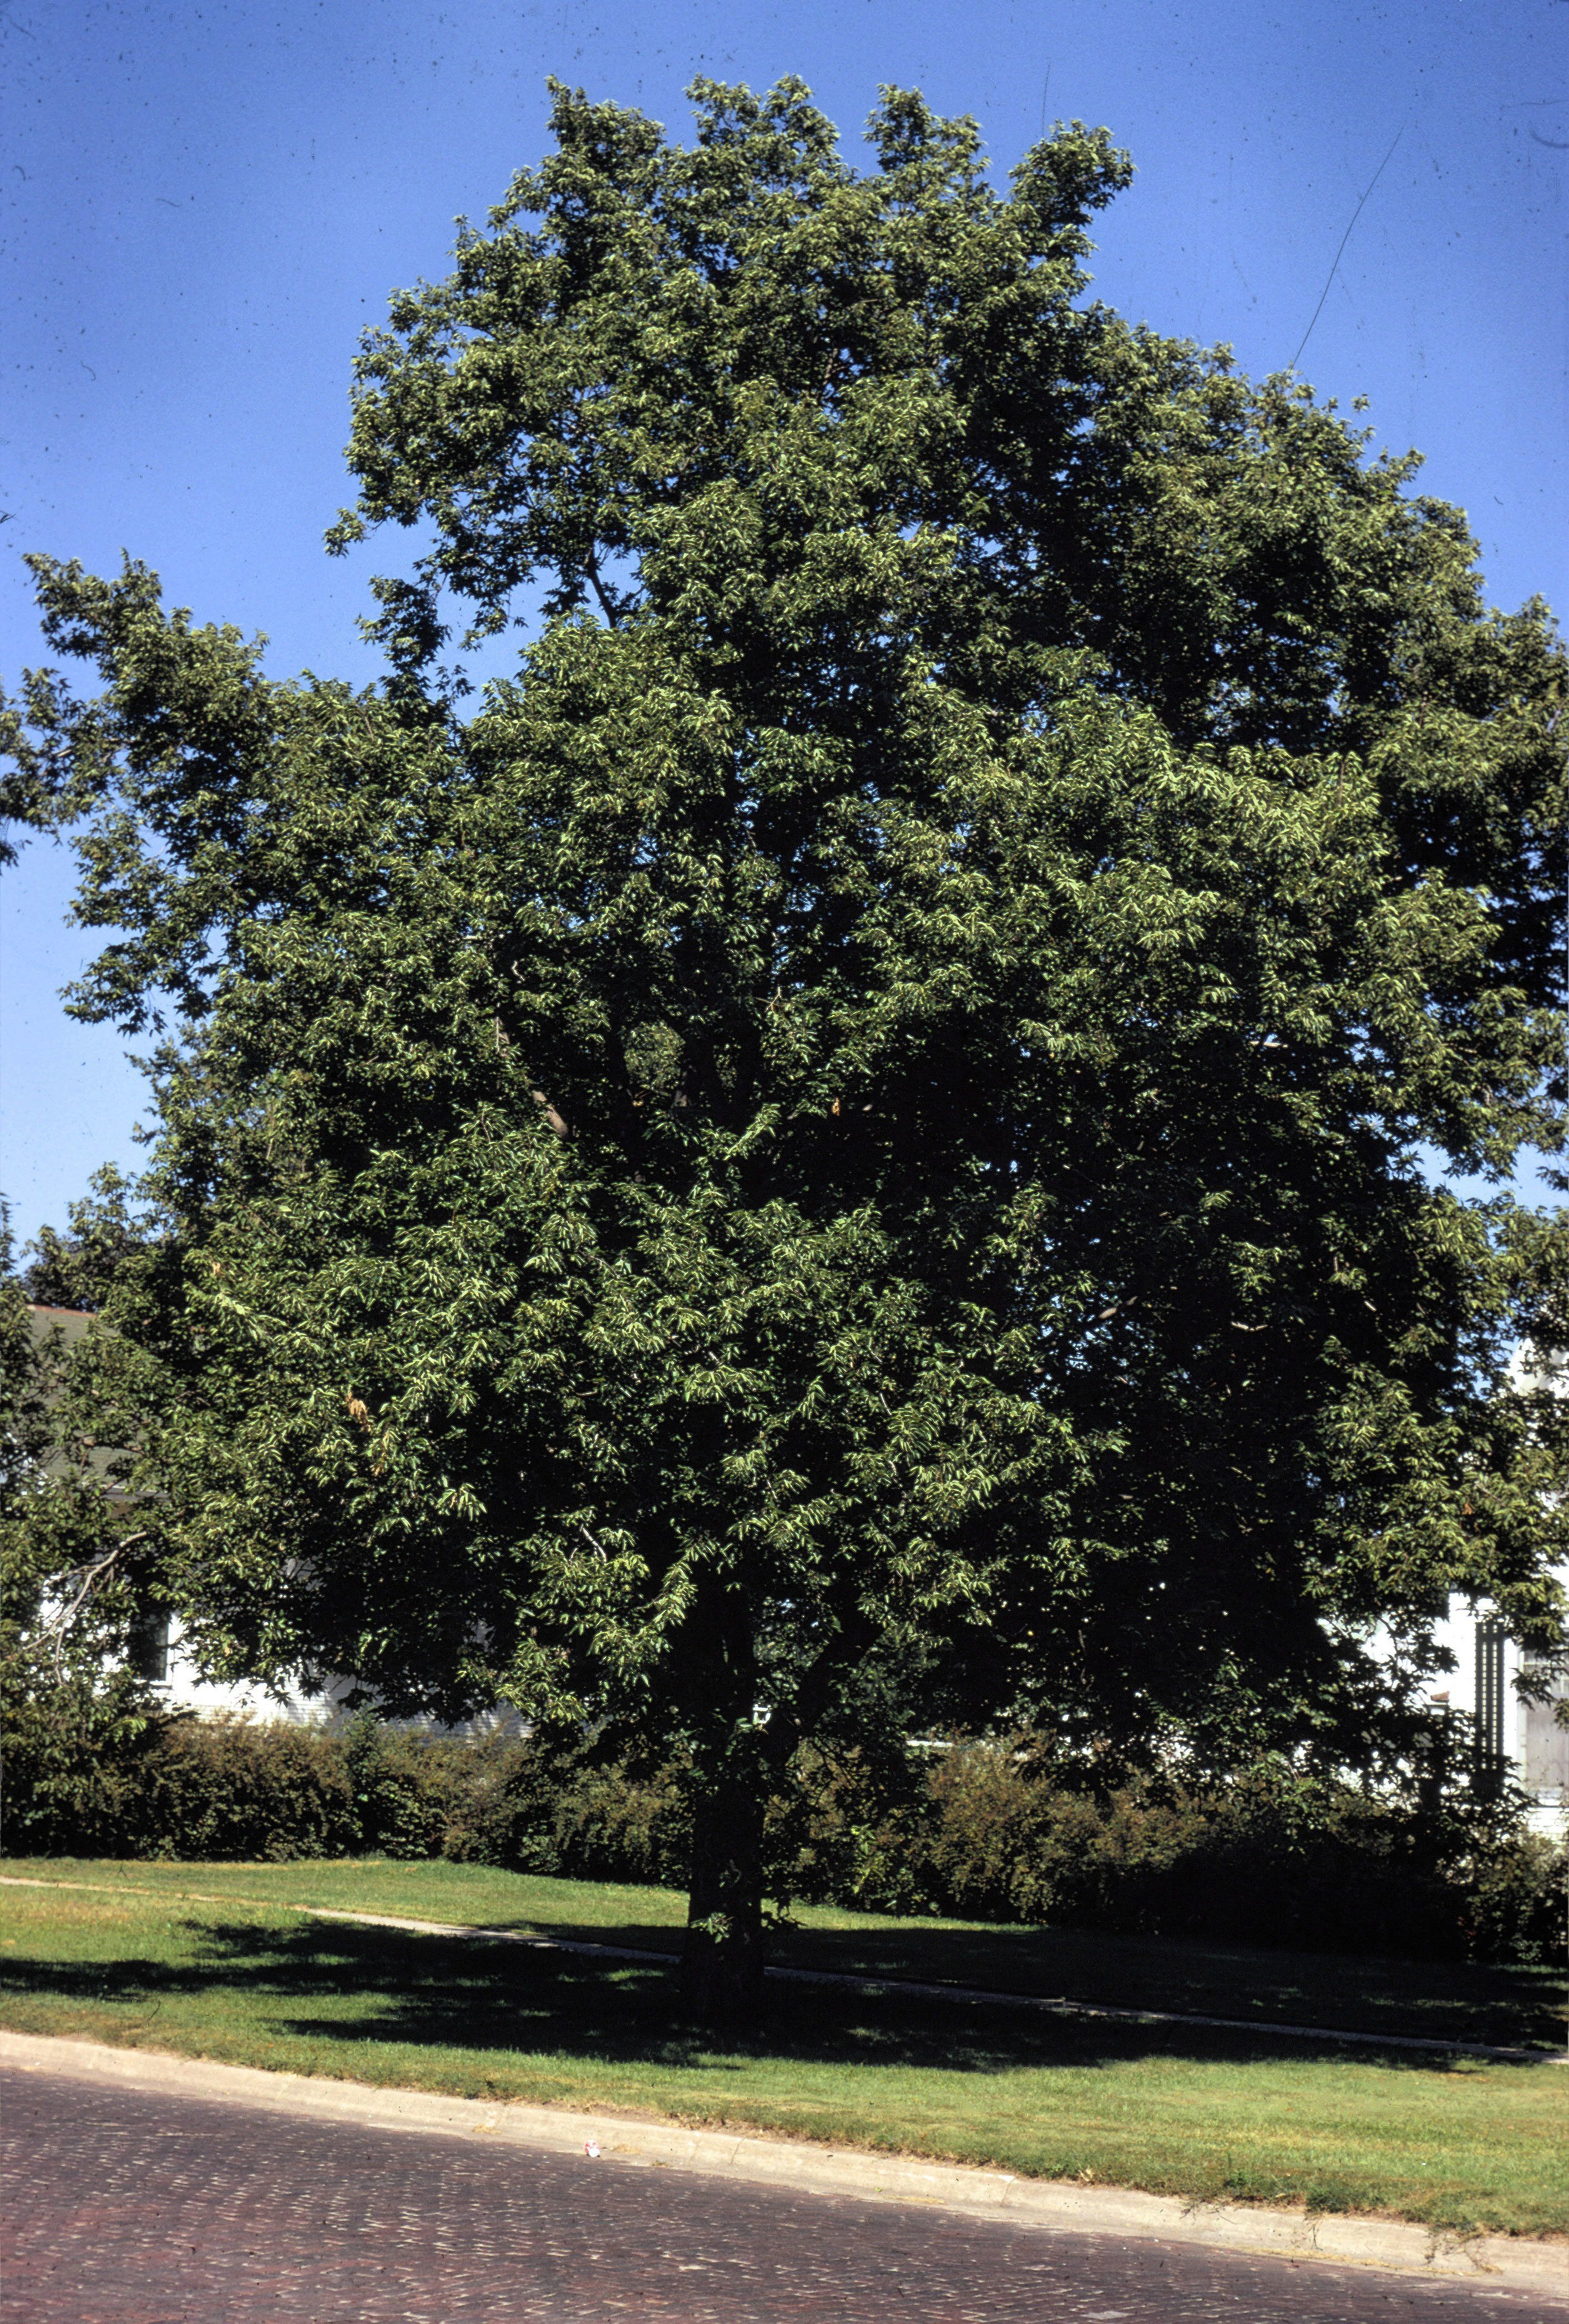 Hackberry, Celtis occidentalis